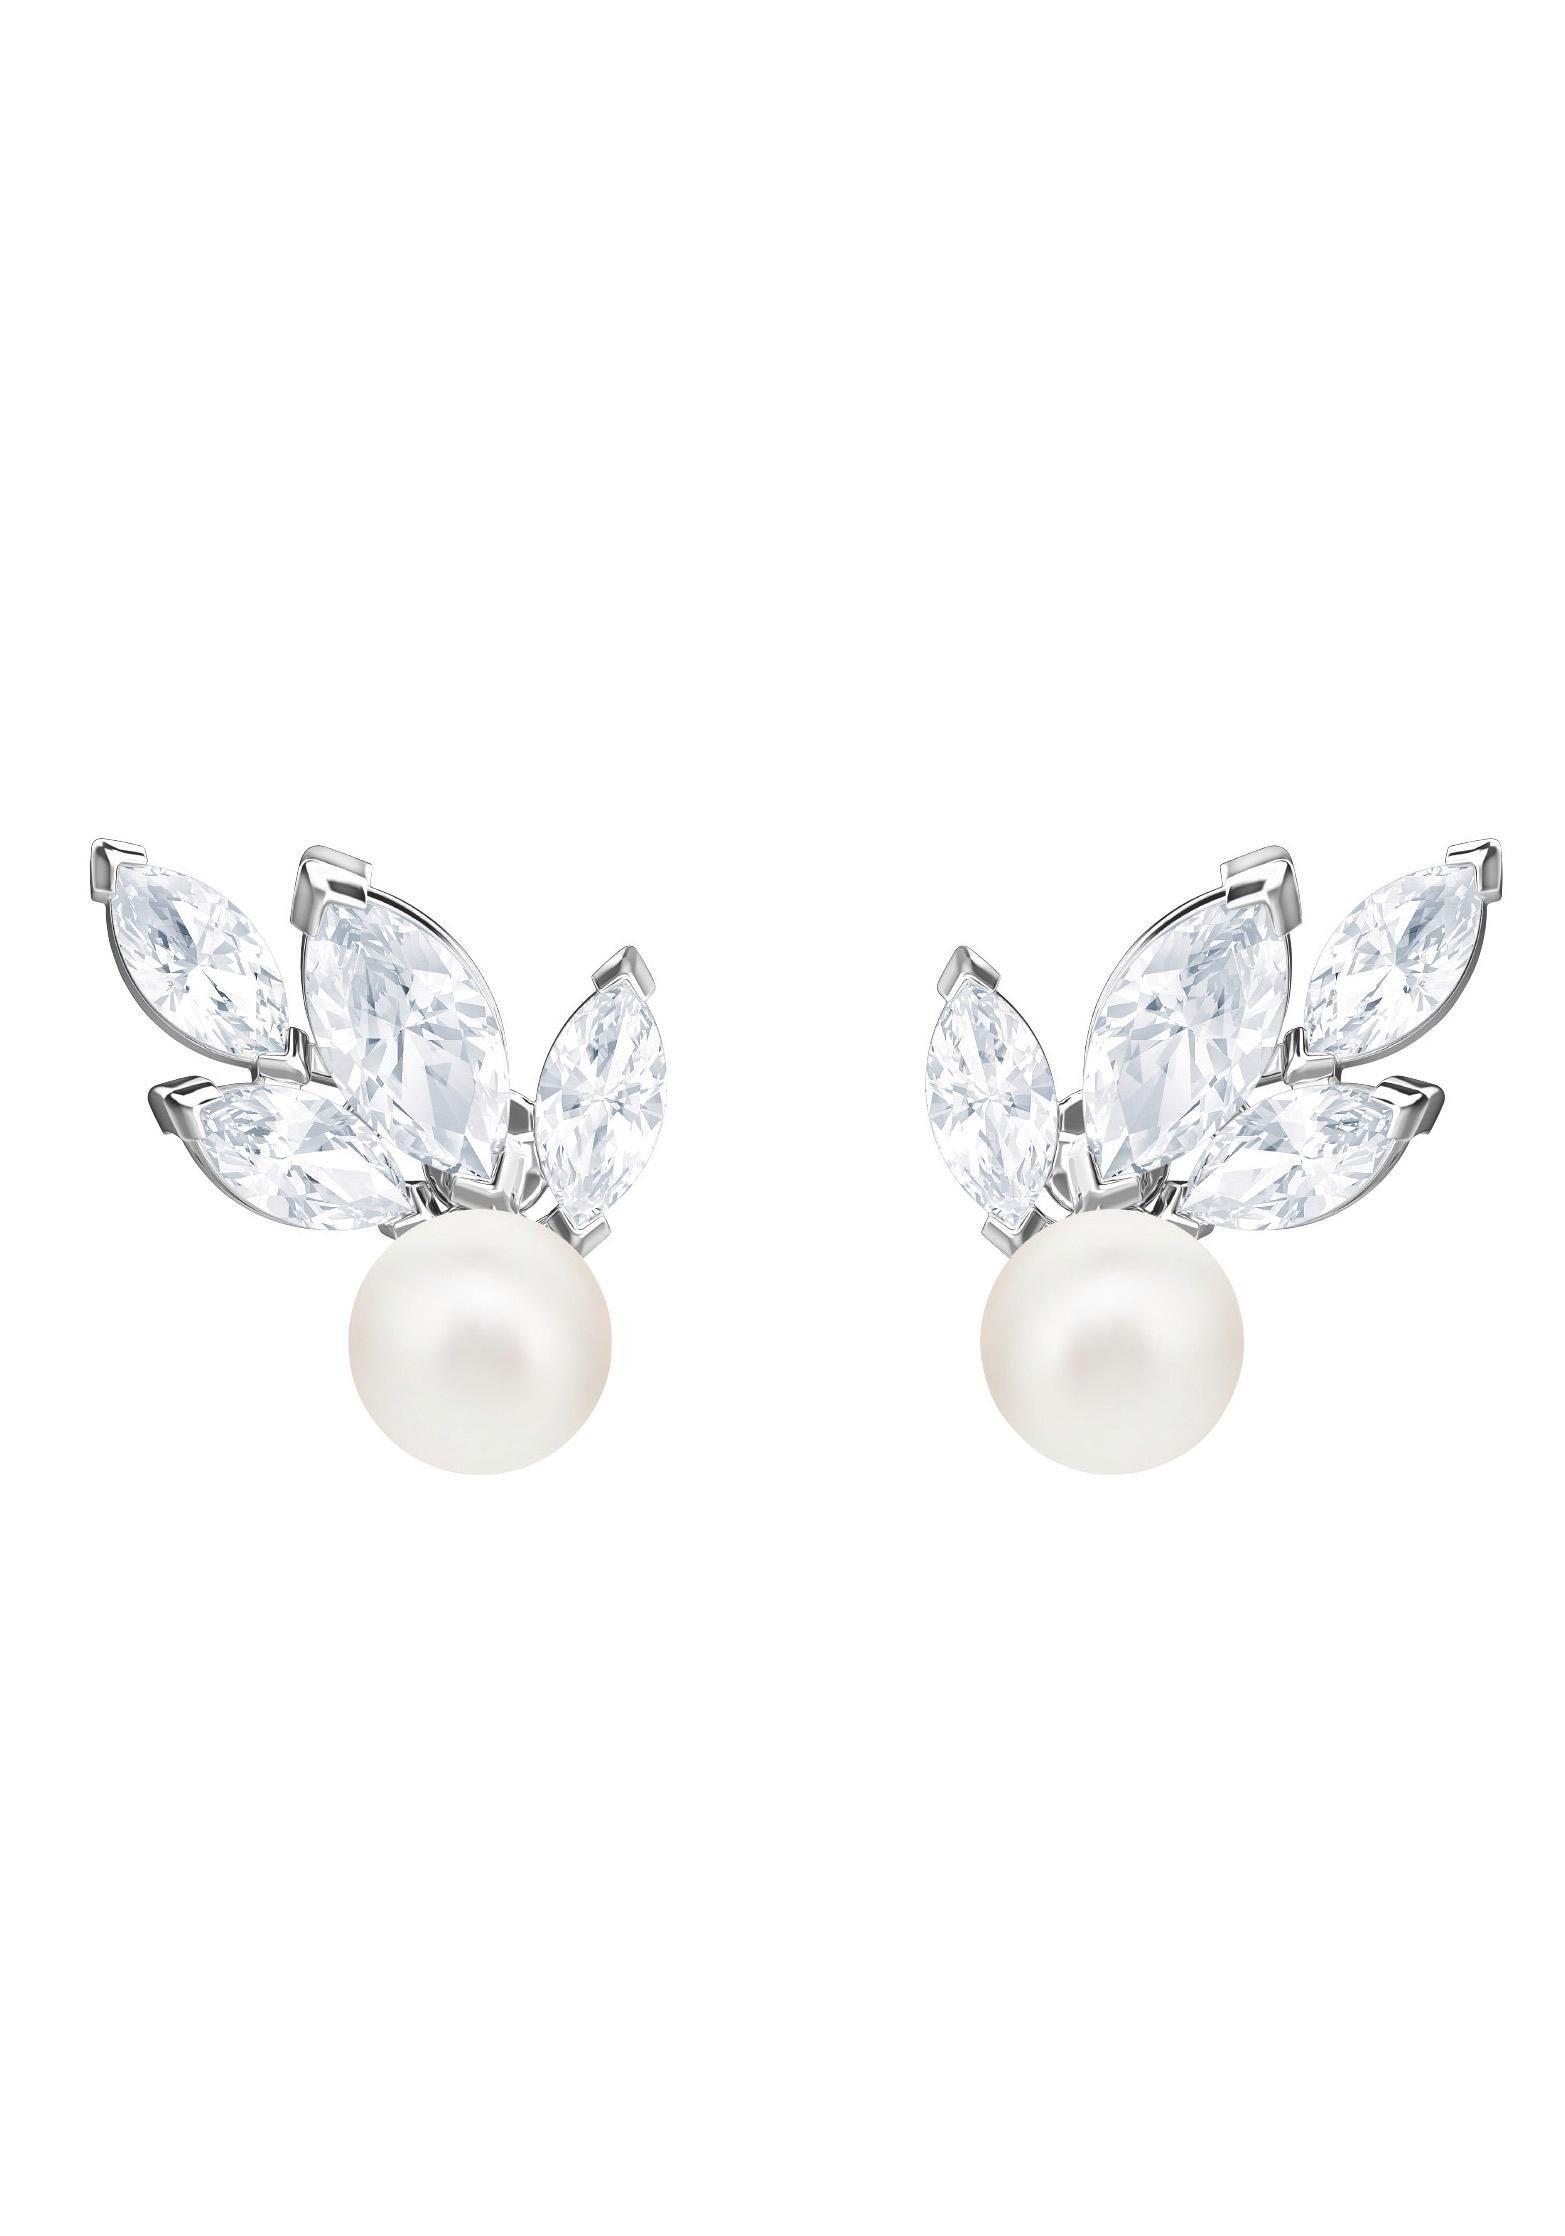 Swarovski Paar Ohrstecker »Louison Pearl Ohrringe, weiss, rhodiniert, 5422683« mit Swarovski® Kristallen und Swarovski® Perlen